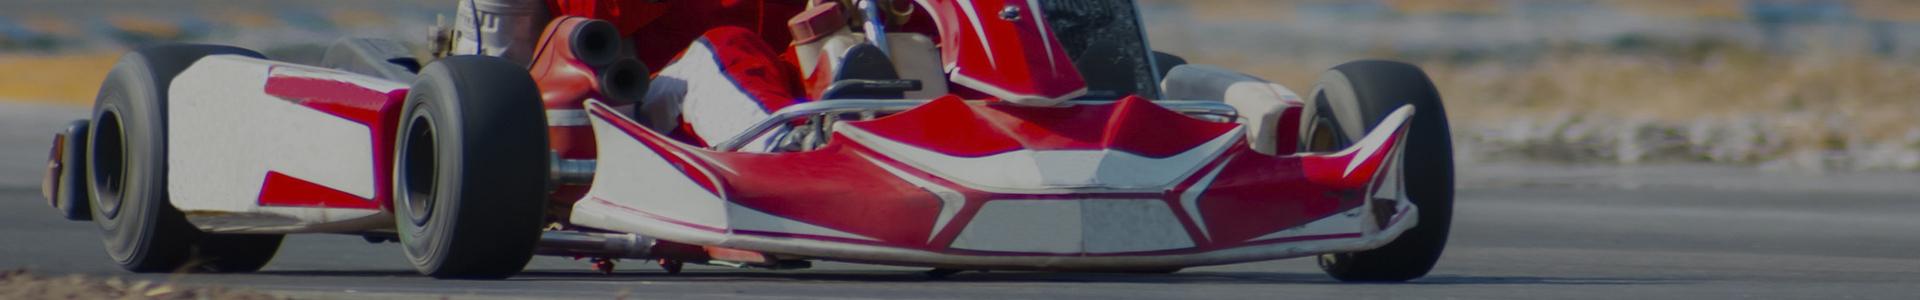 Image catégorie Karting